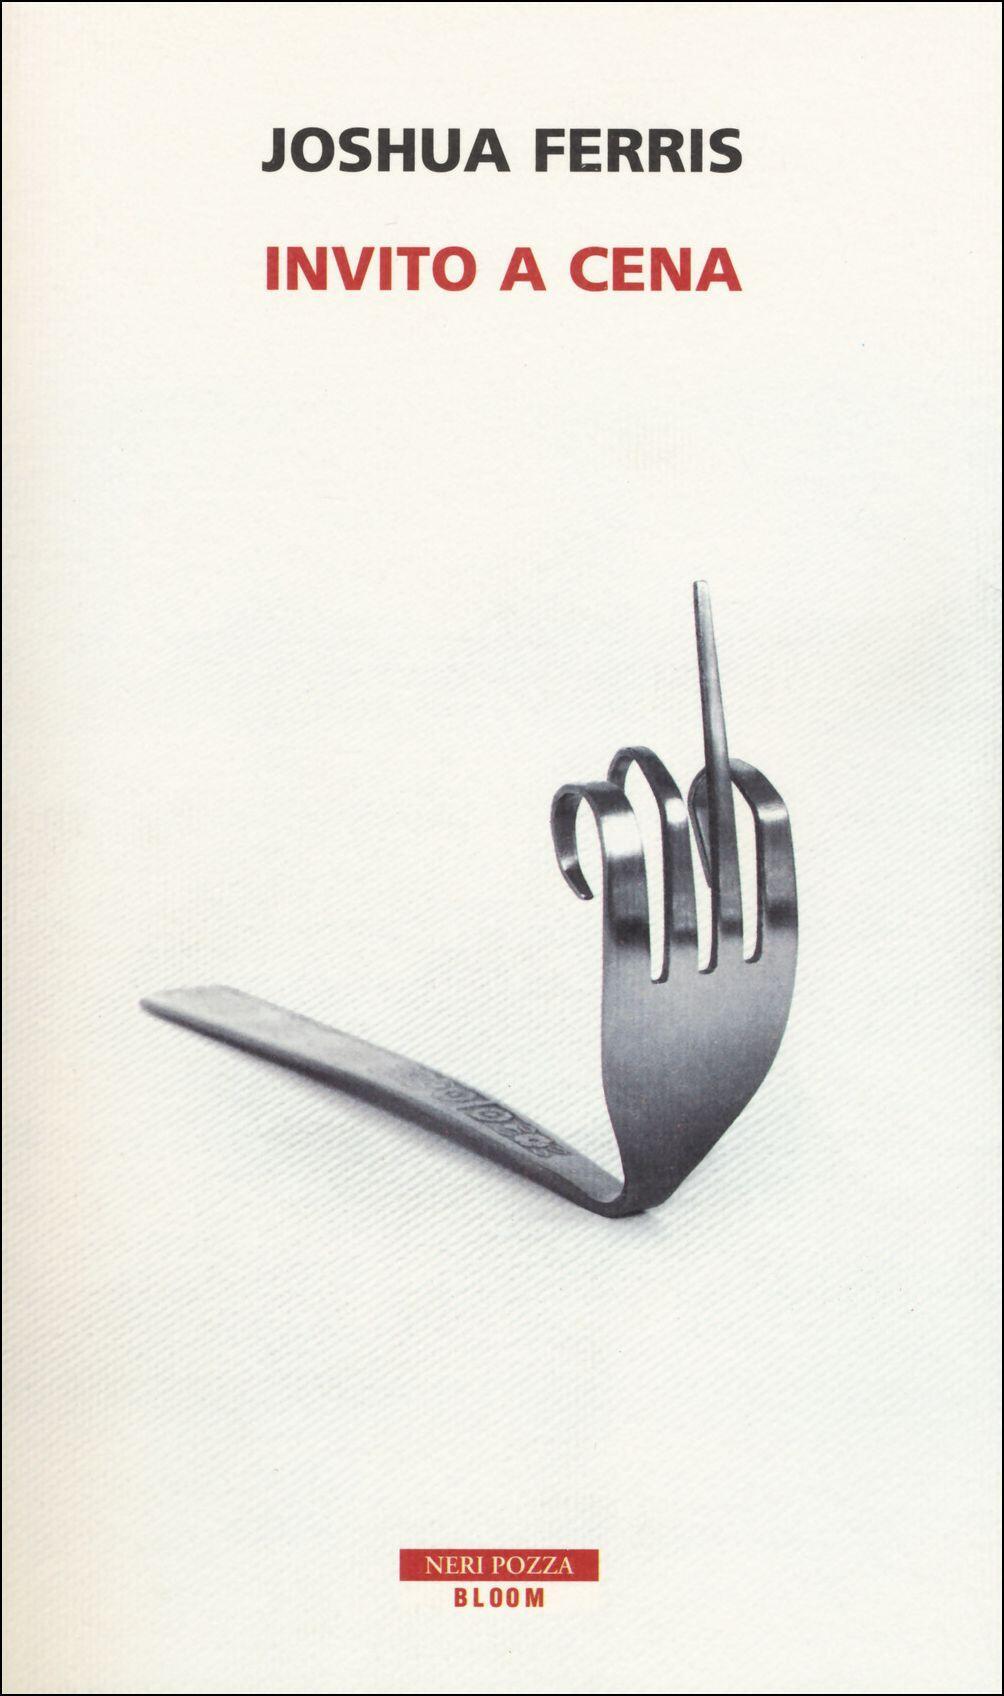 Estremamente Invito a cena - Joshua Ferris - Libro - Neri Pozza - Bloom | IBS DJ89